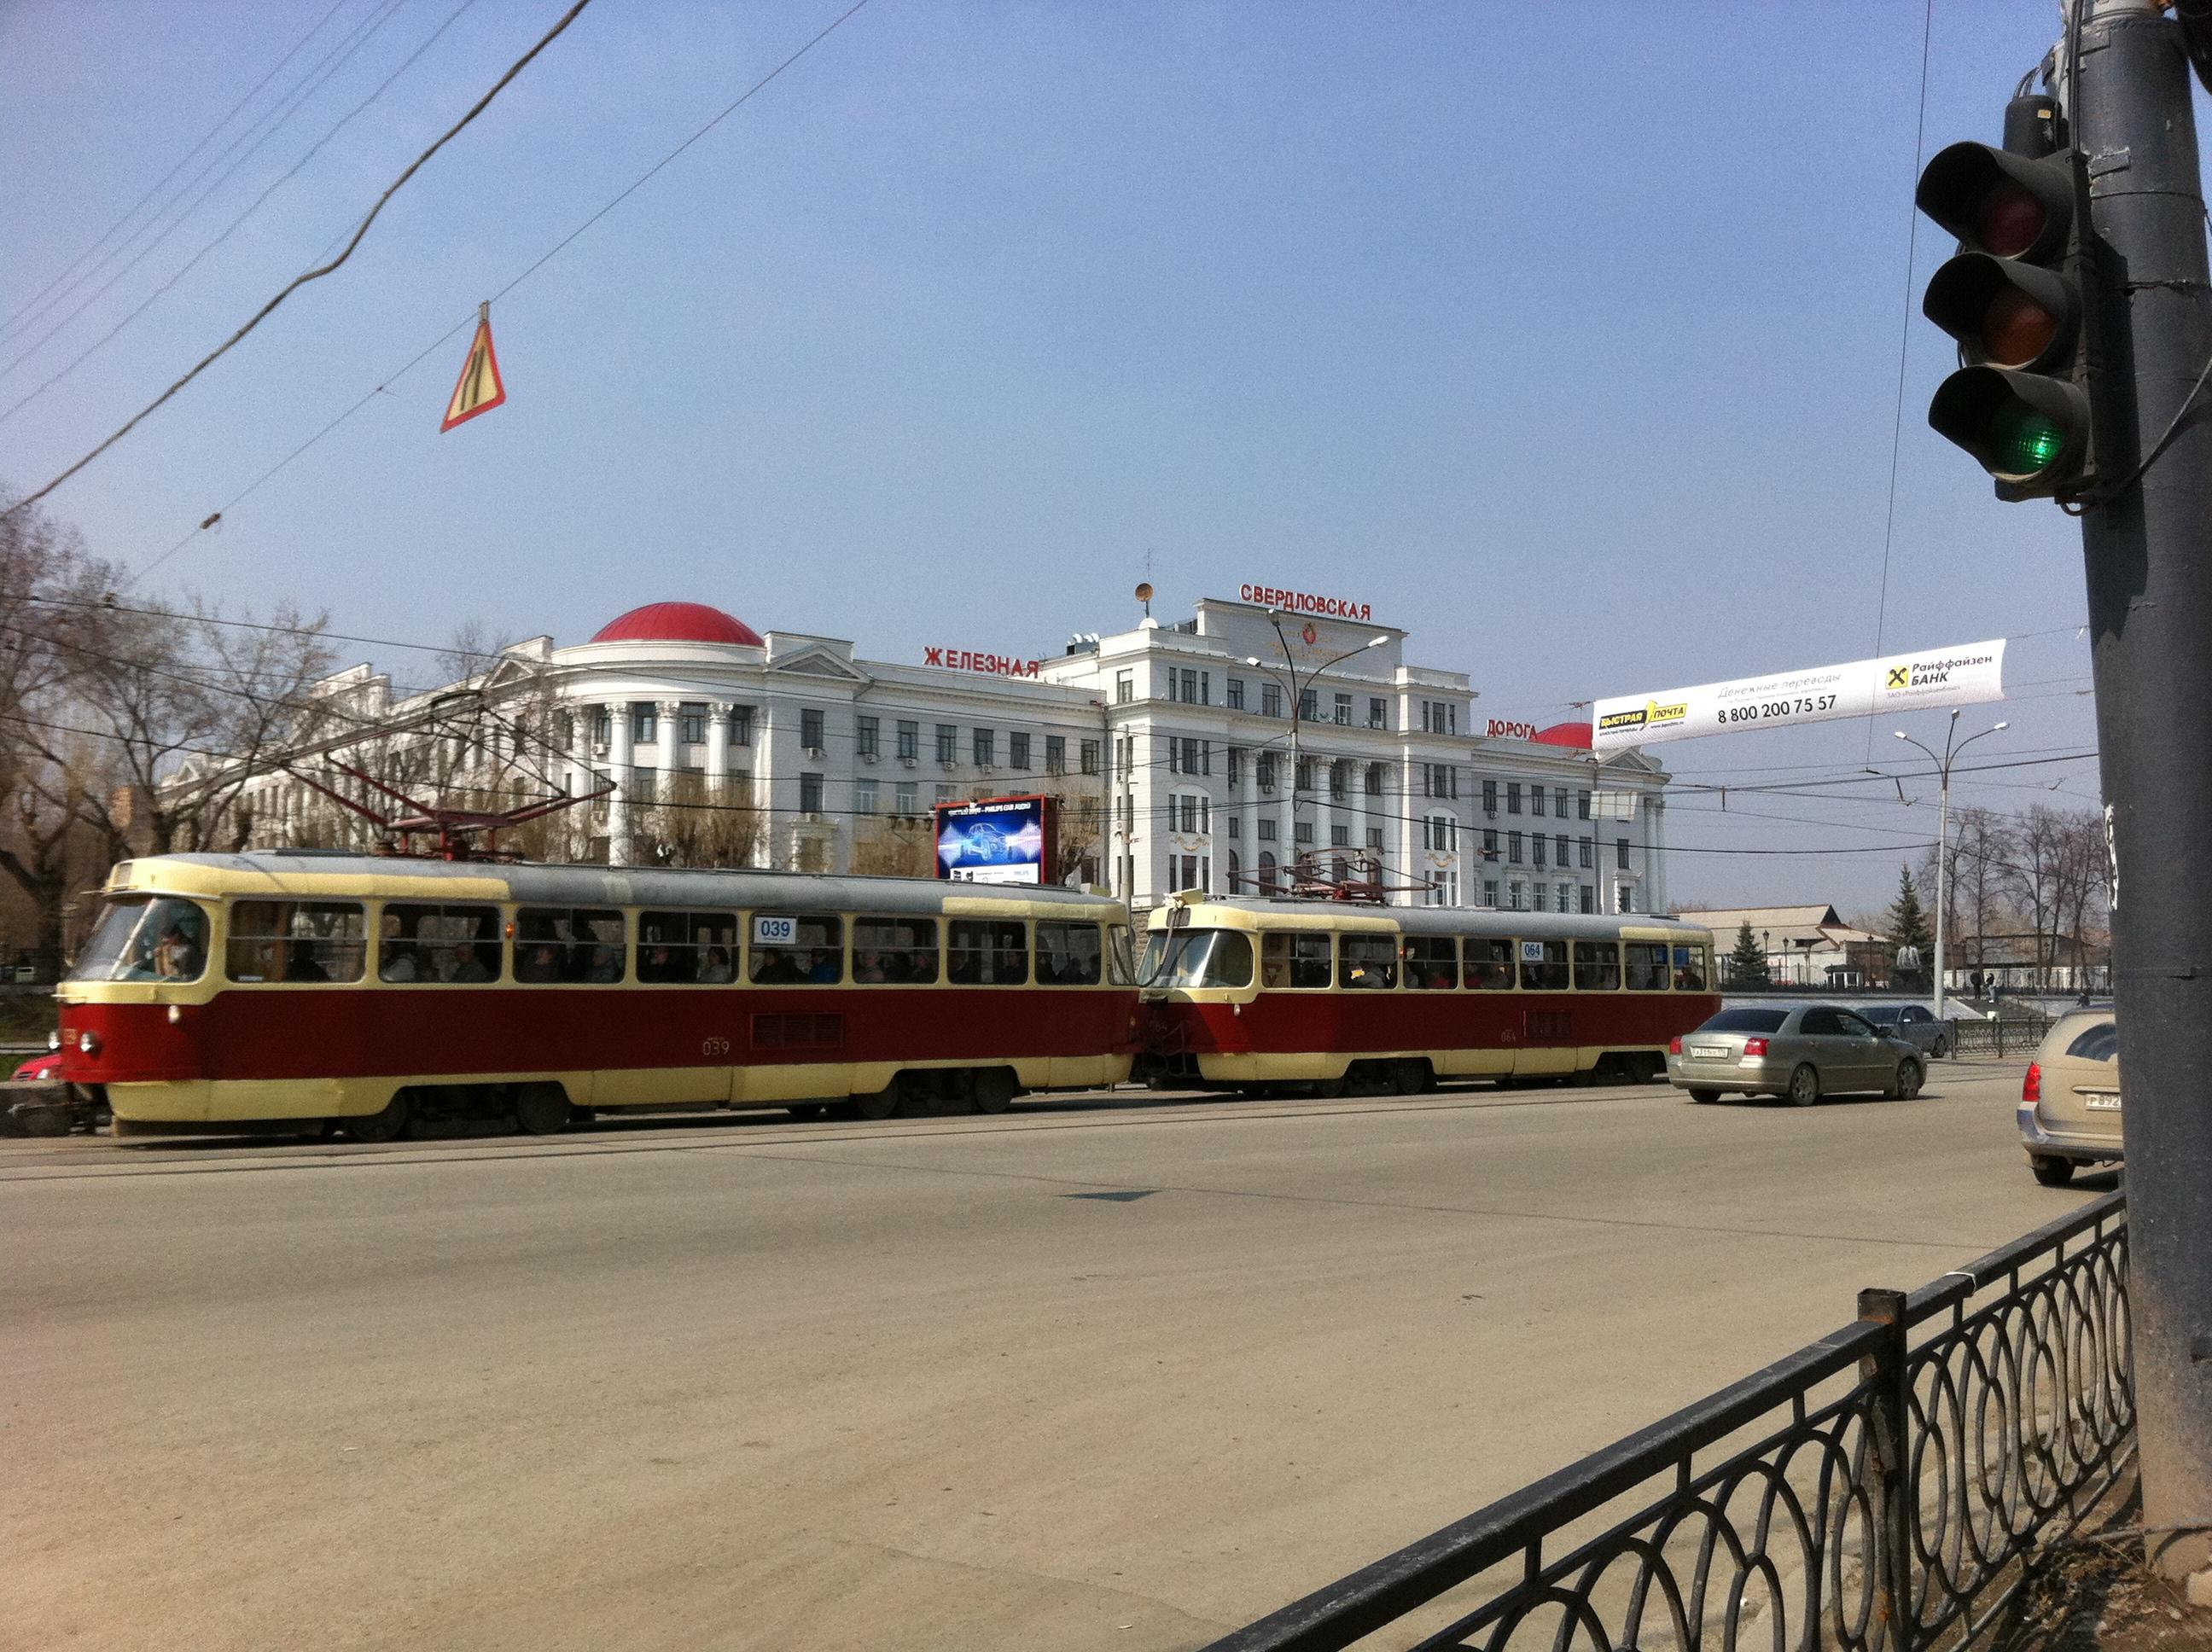 Ekaterinburg Şehir İçi Ulaşım